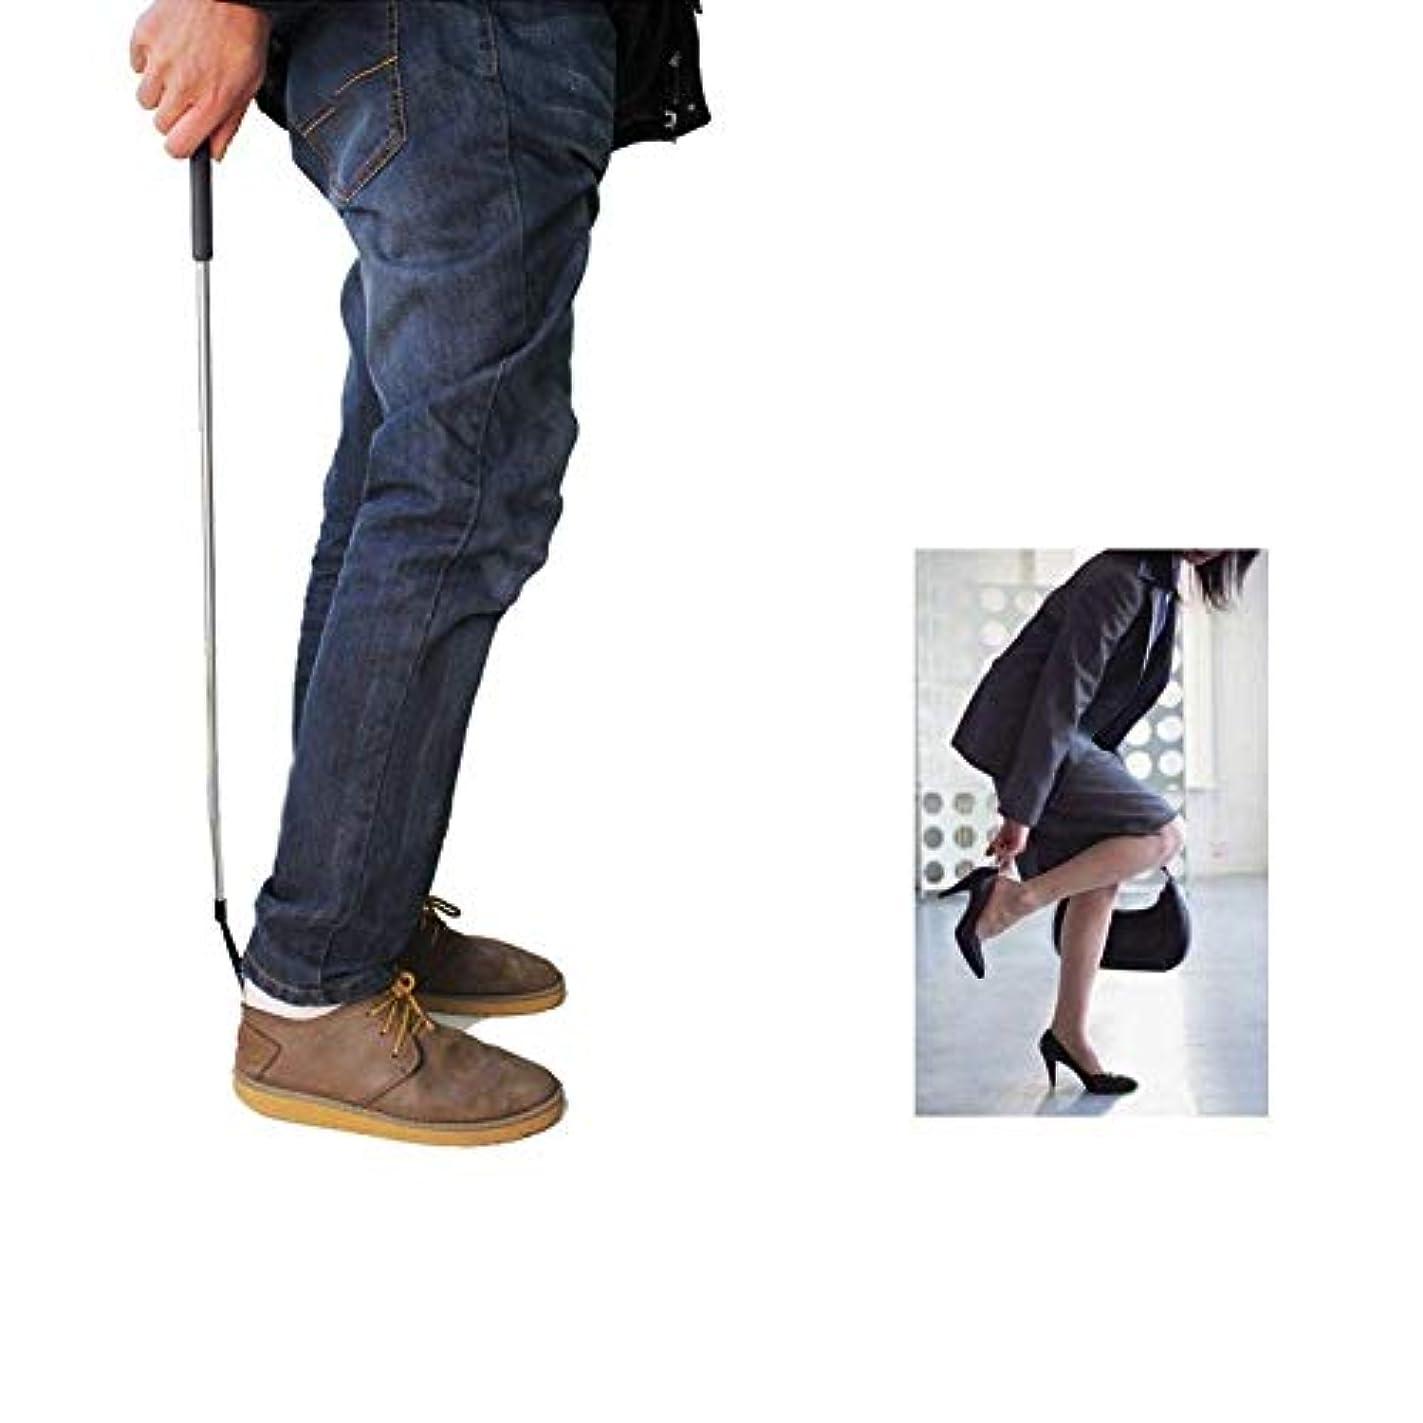 路面電車ドックキャプテンPichidr-JP 靴べら シューホーン くつべら 靴 長ヘラ 携帯 伸縮自在 シューケア ロング 軽量 高齢者 靴の角拡張可能&折りたたみ 男性女性靴